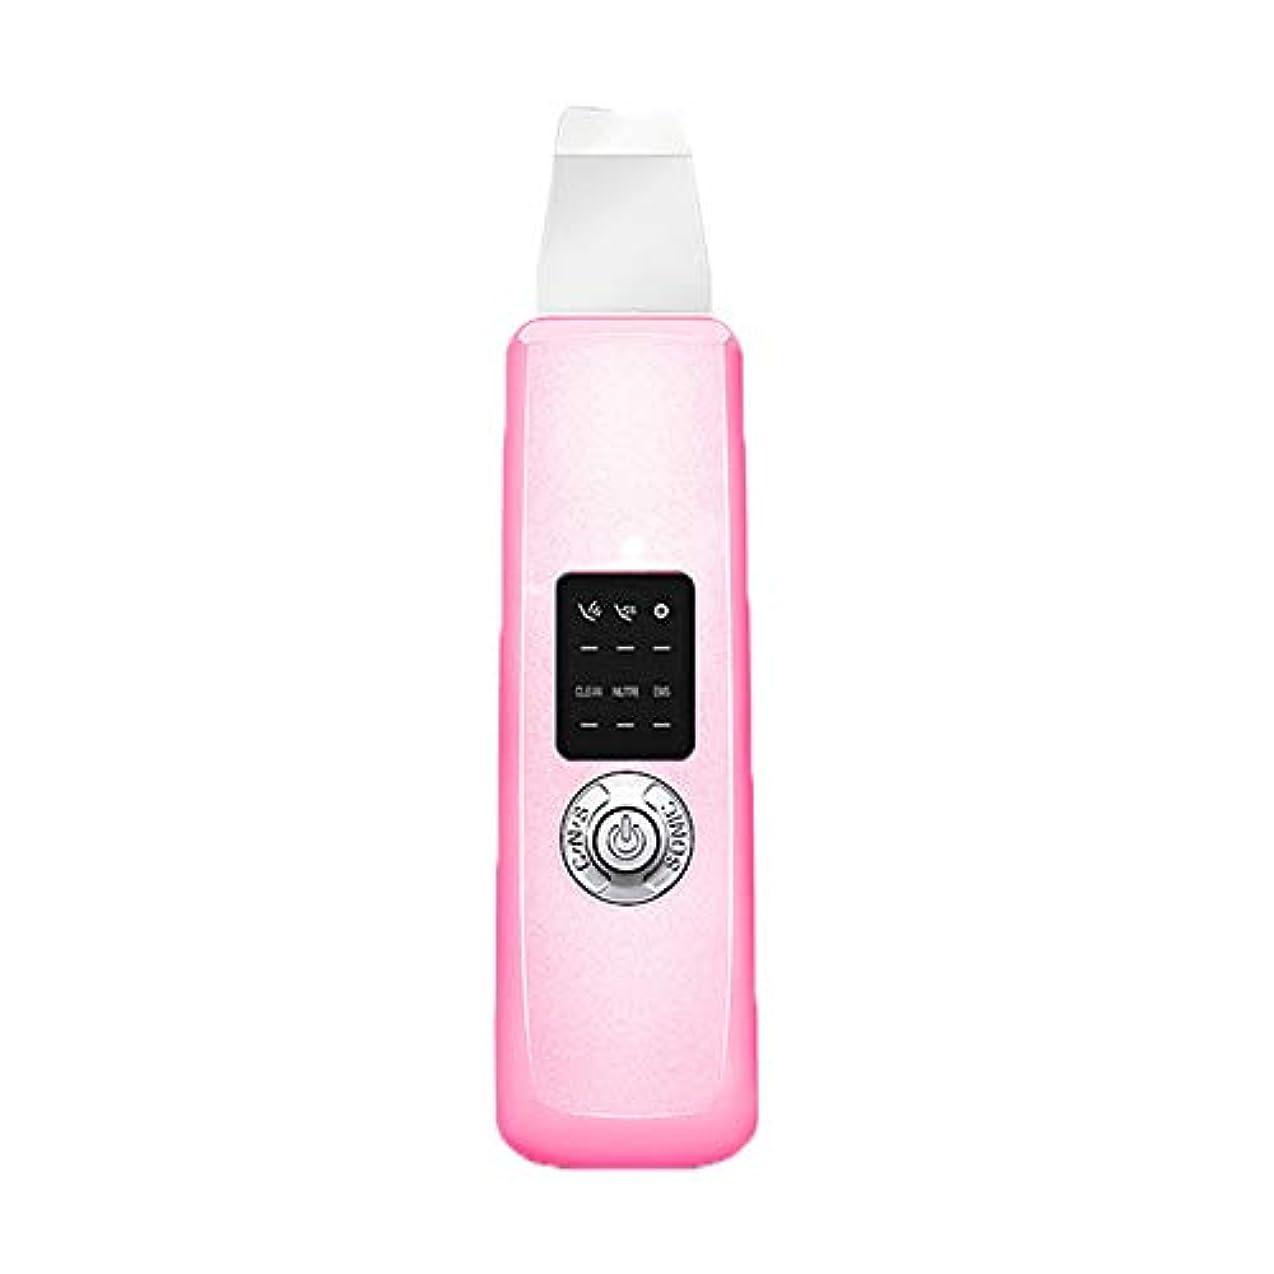 説教する補助金ストラトフォードオンエイボンにきび除去剤、にきび毛穴クリーナーにきびに電気吸引ブラックヘッドアーティファクト電子美容洗剤,ピンク